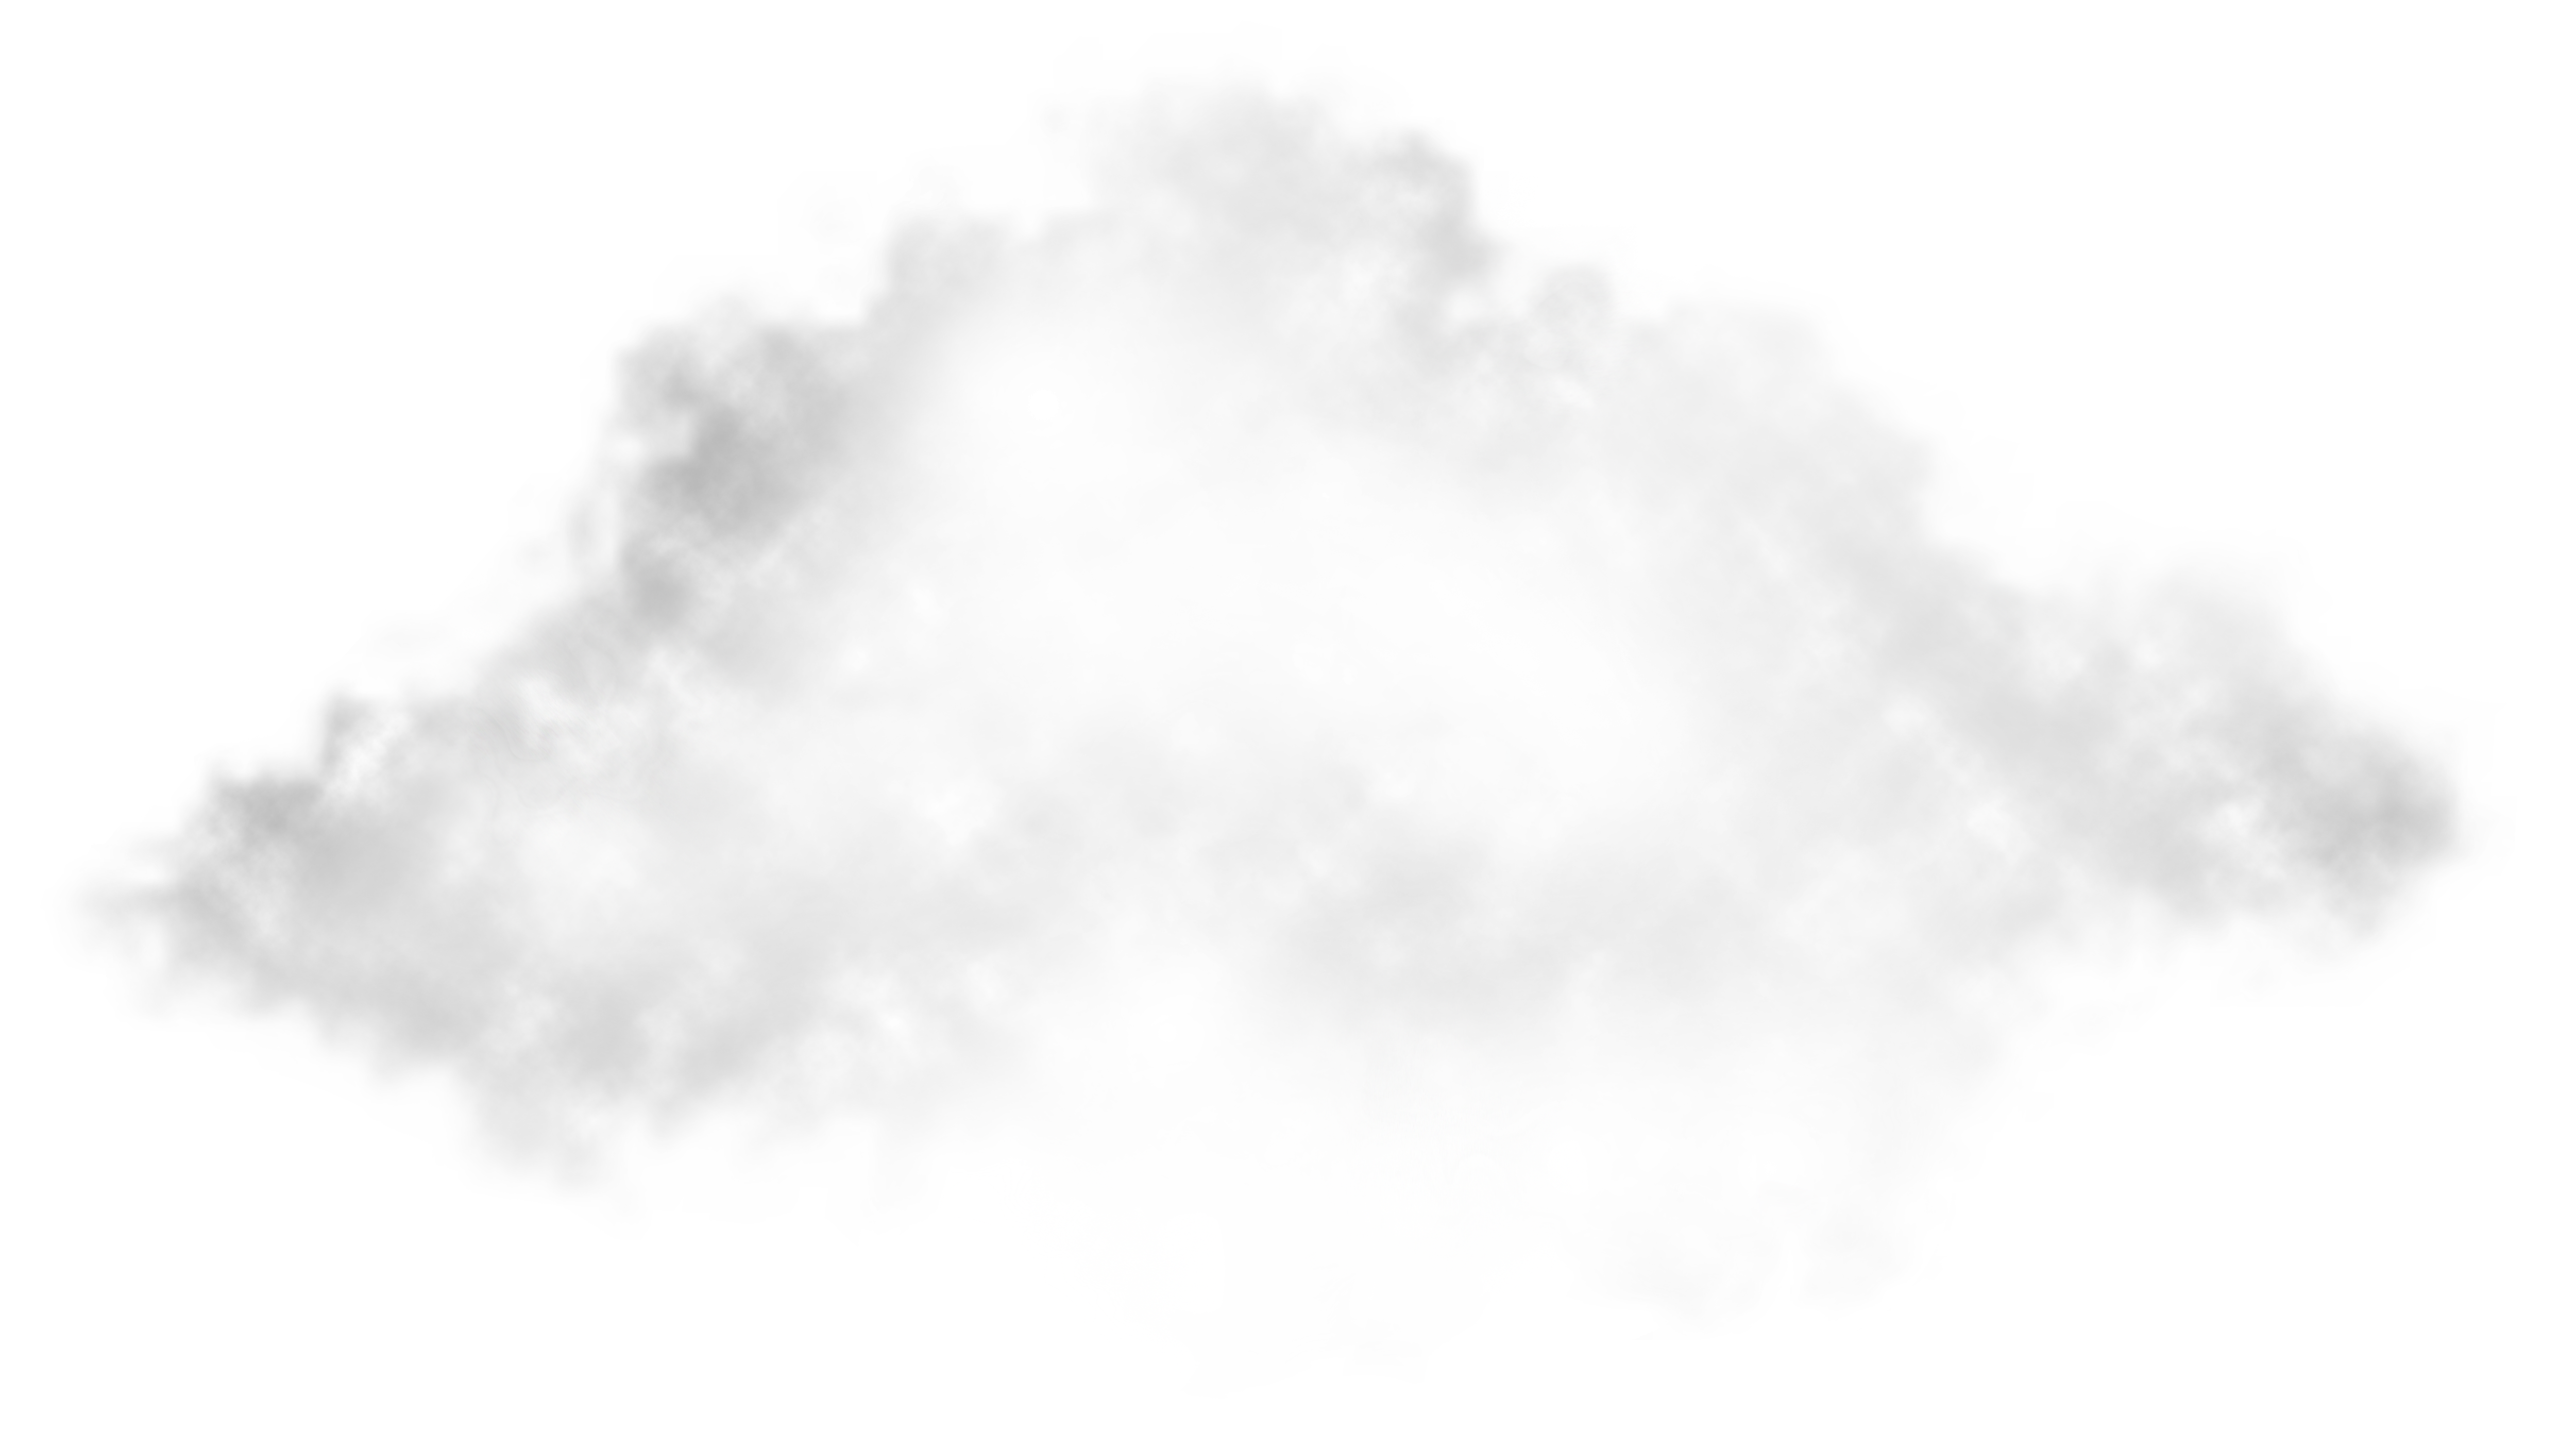 Clipart best web. Cloud png images